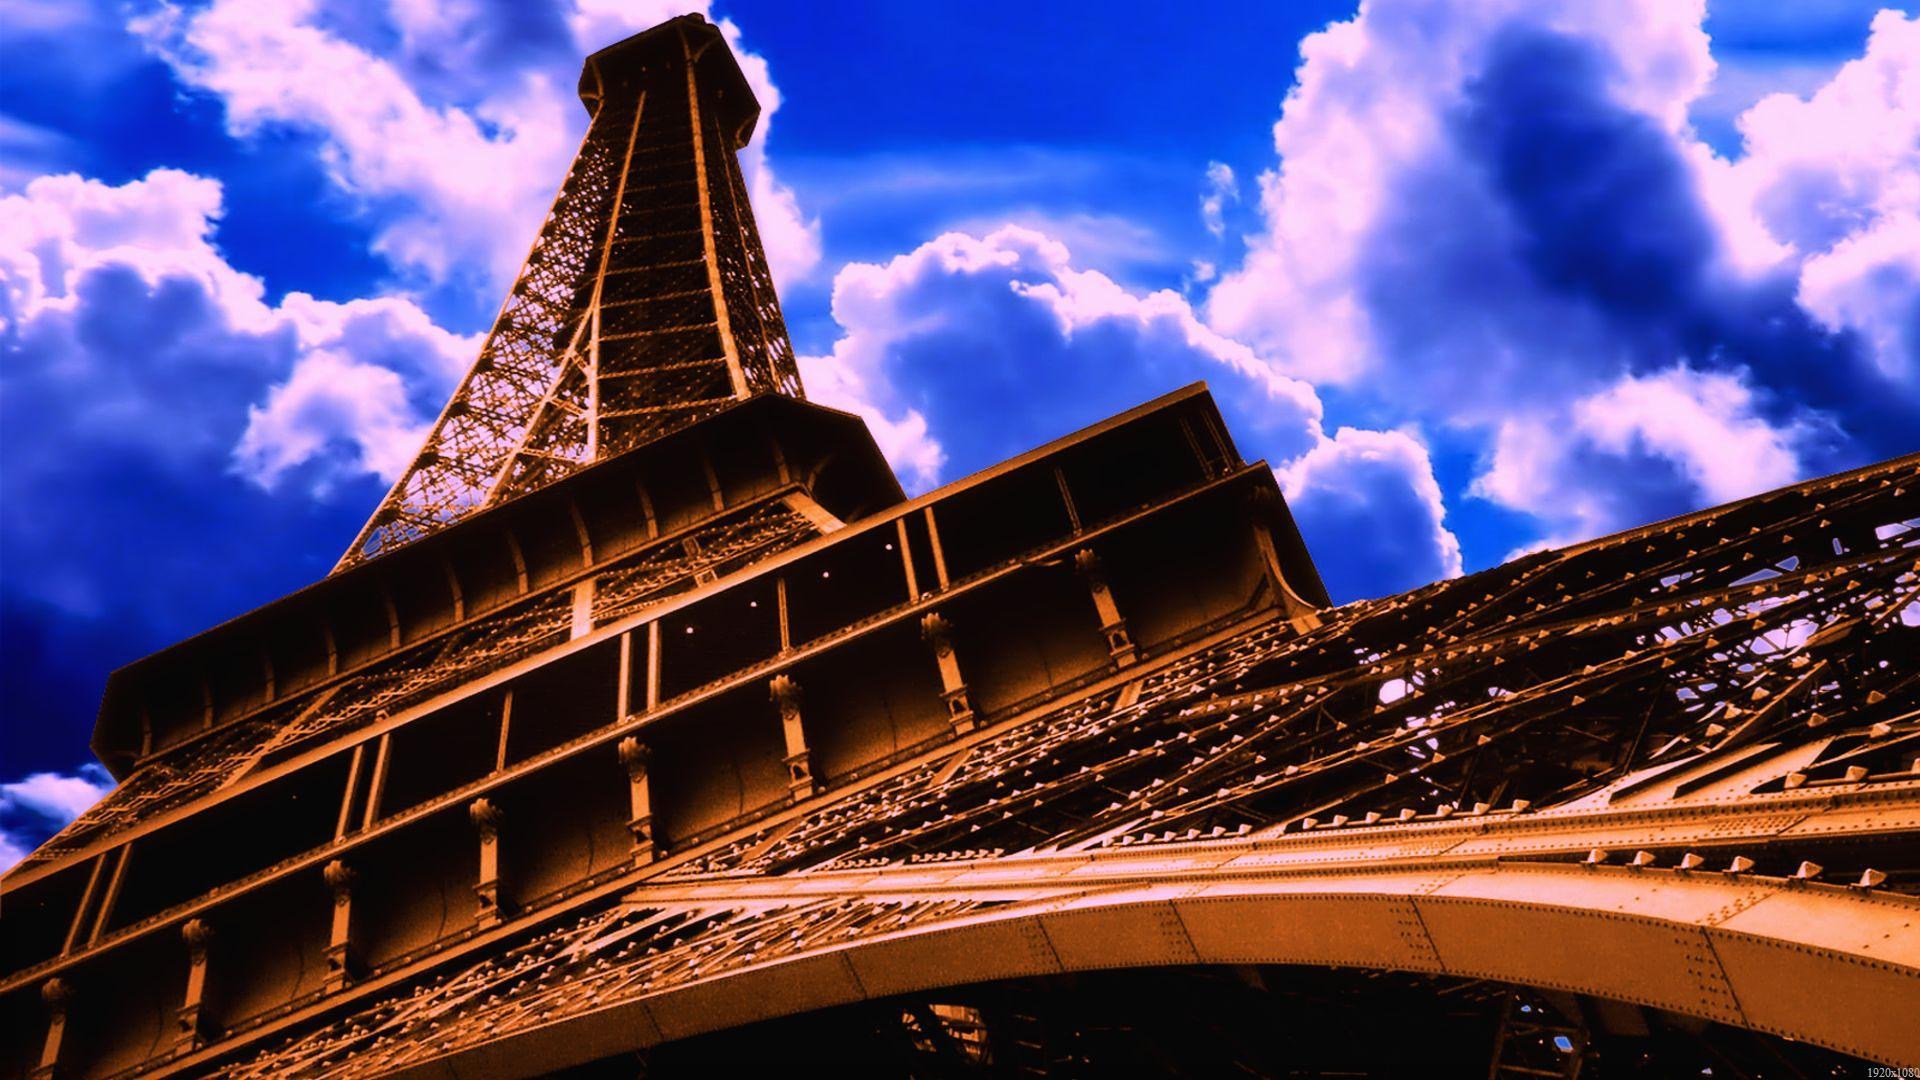 Monuments of paris wallpaper wallpapersafari for Fond ecran paris